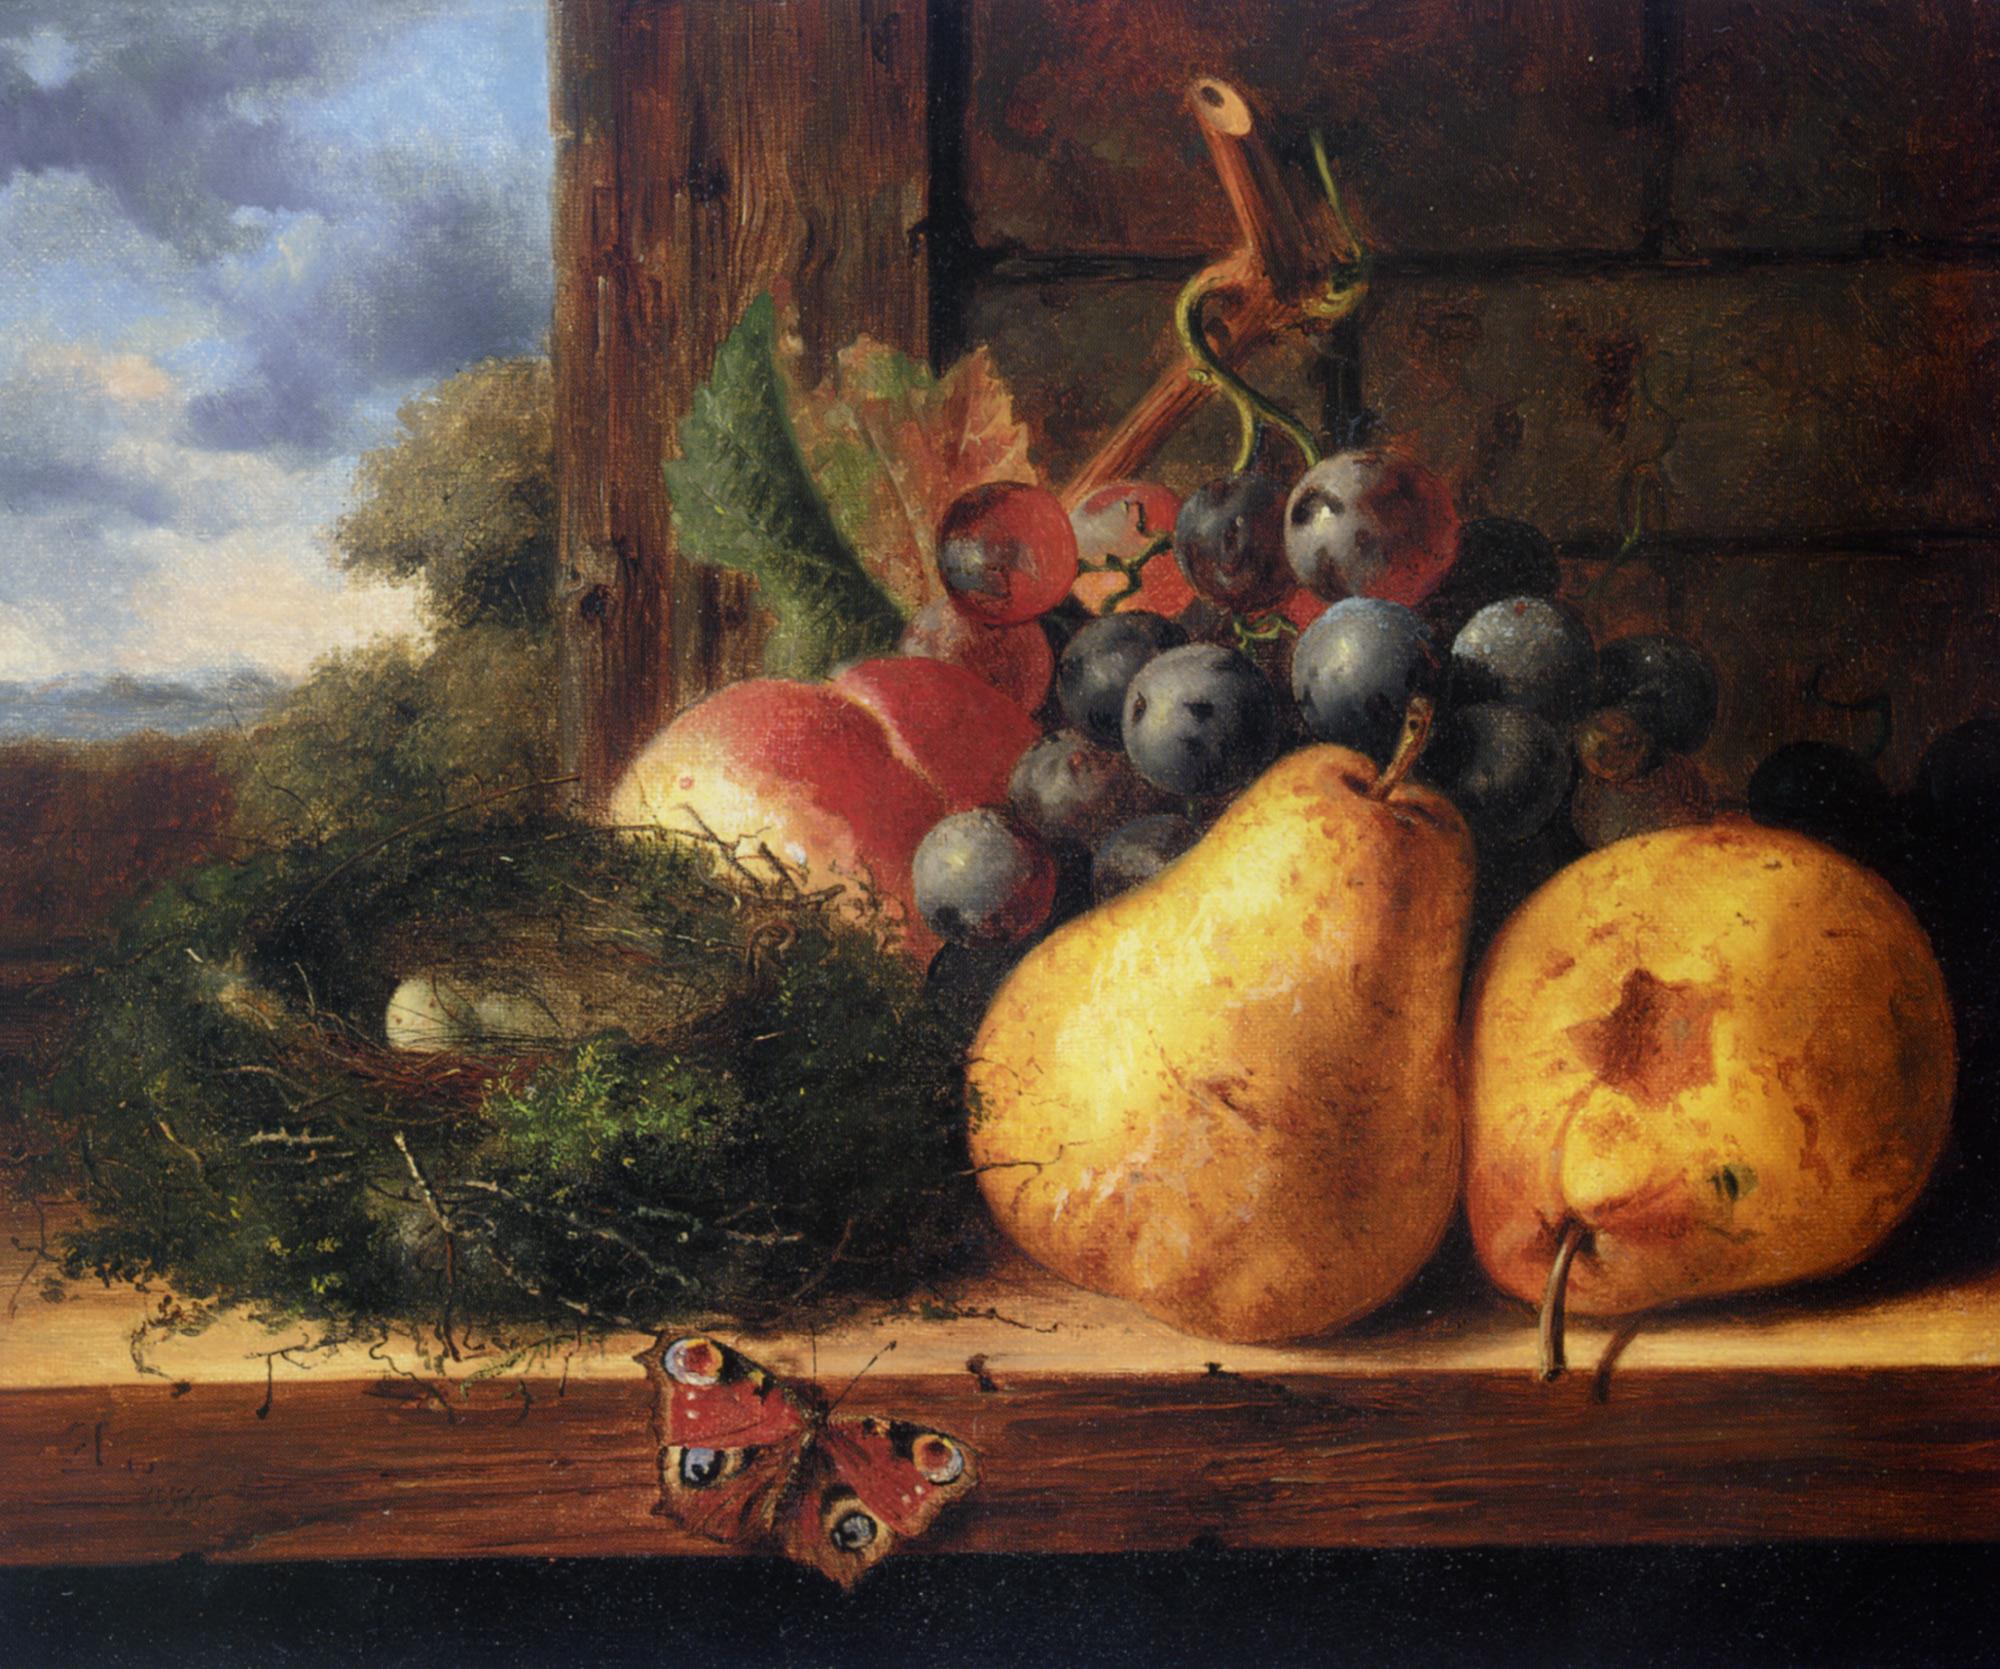 Still life with a birds nest and fruit :: Edward Ladell - Still-lives with fruit ôîòî